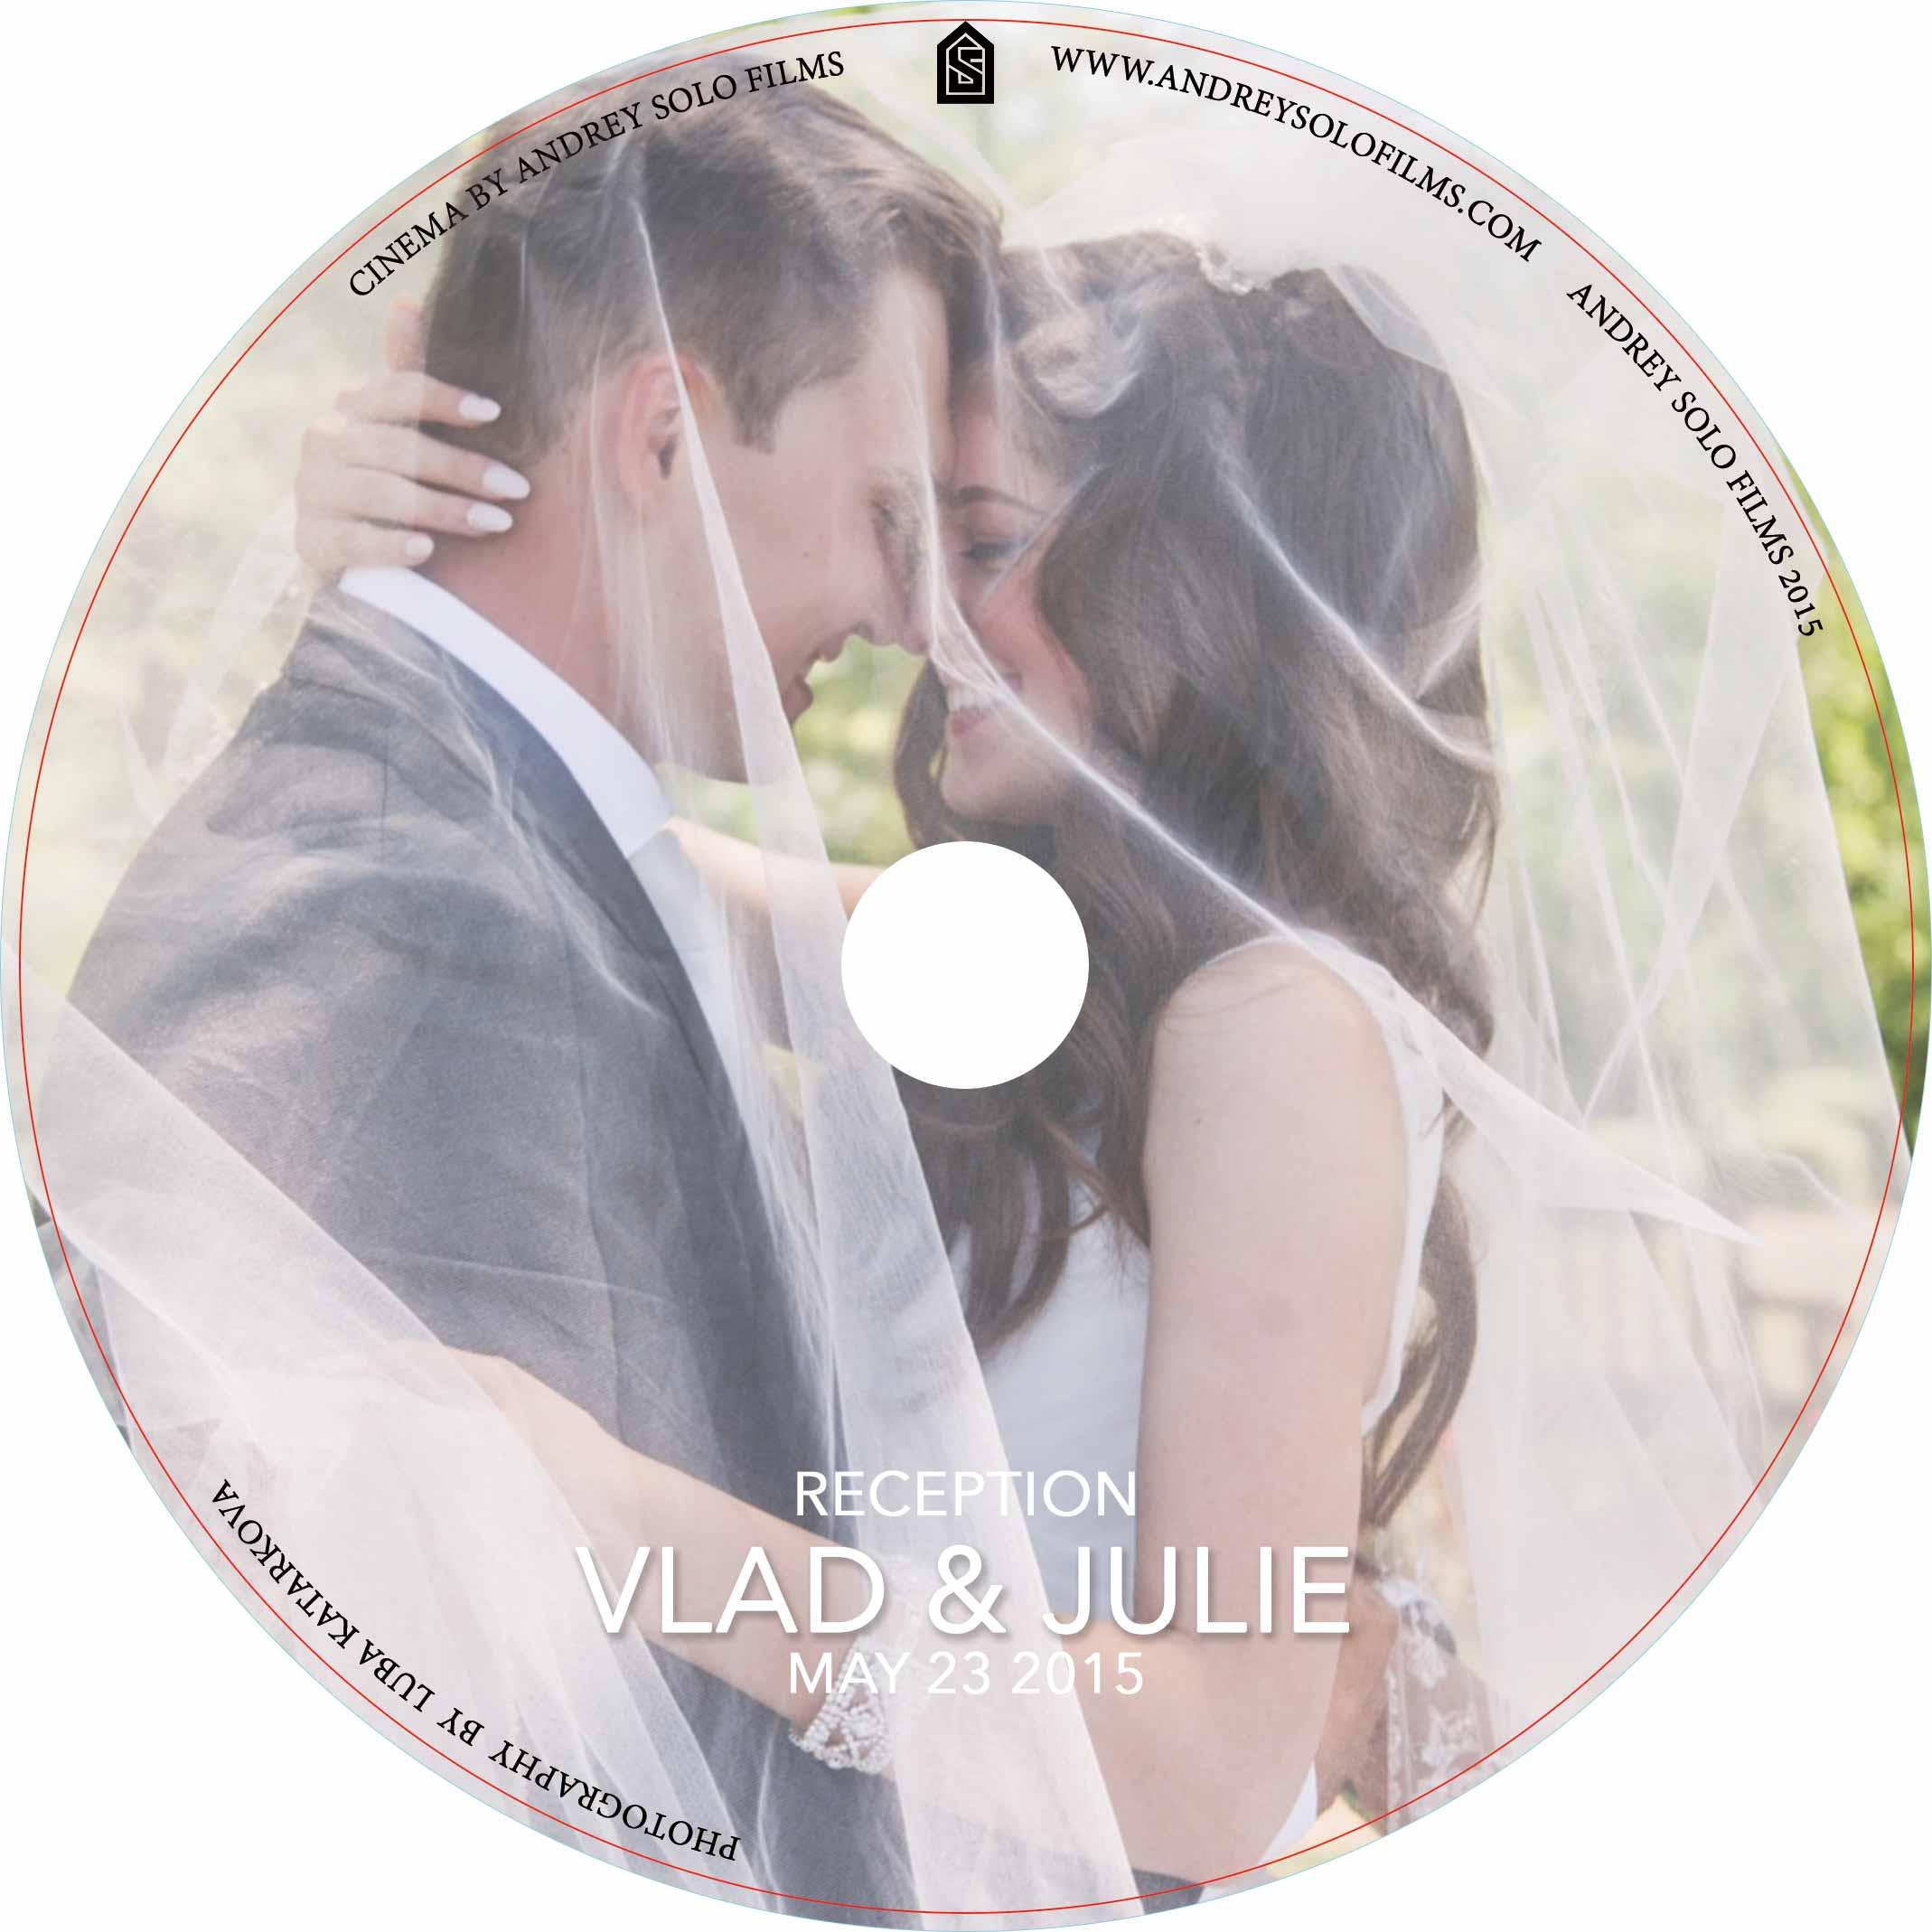 DVD-Disc-Template-2015-Receptionwhite.jpg